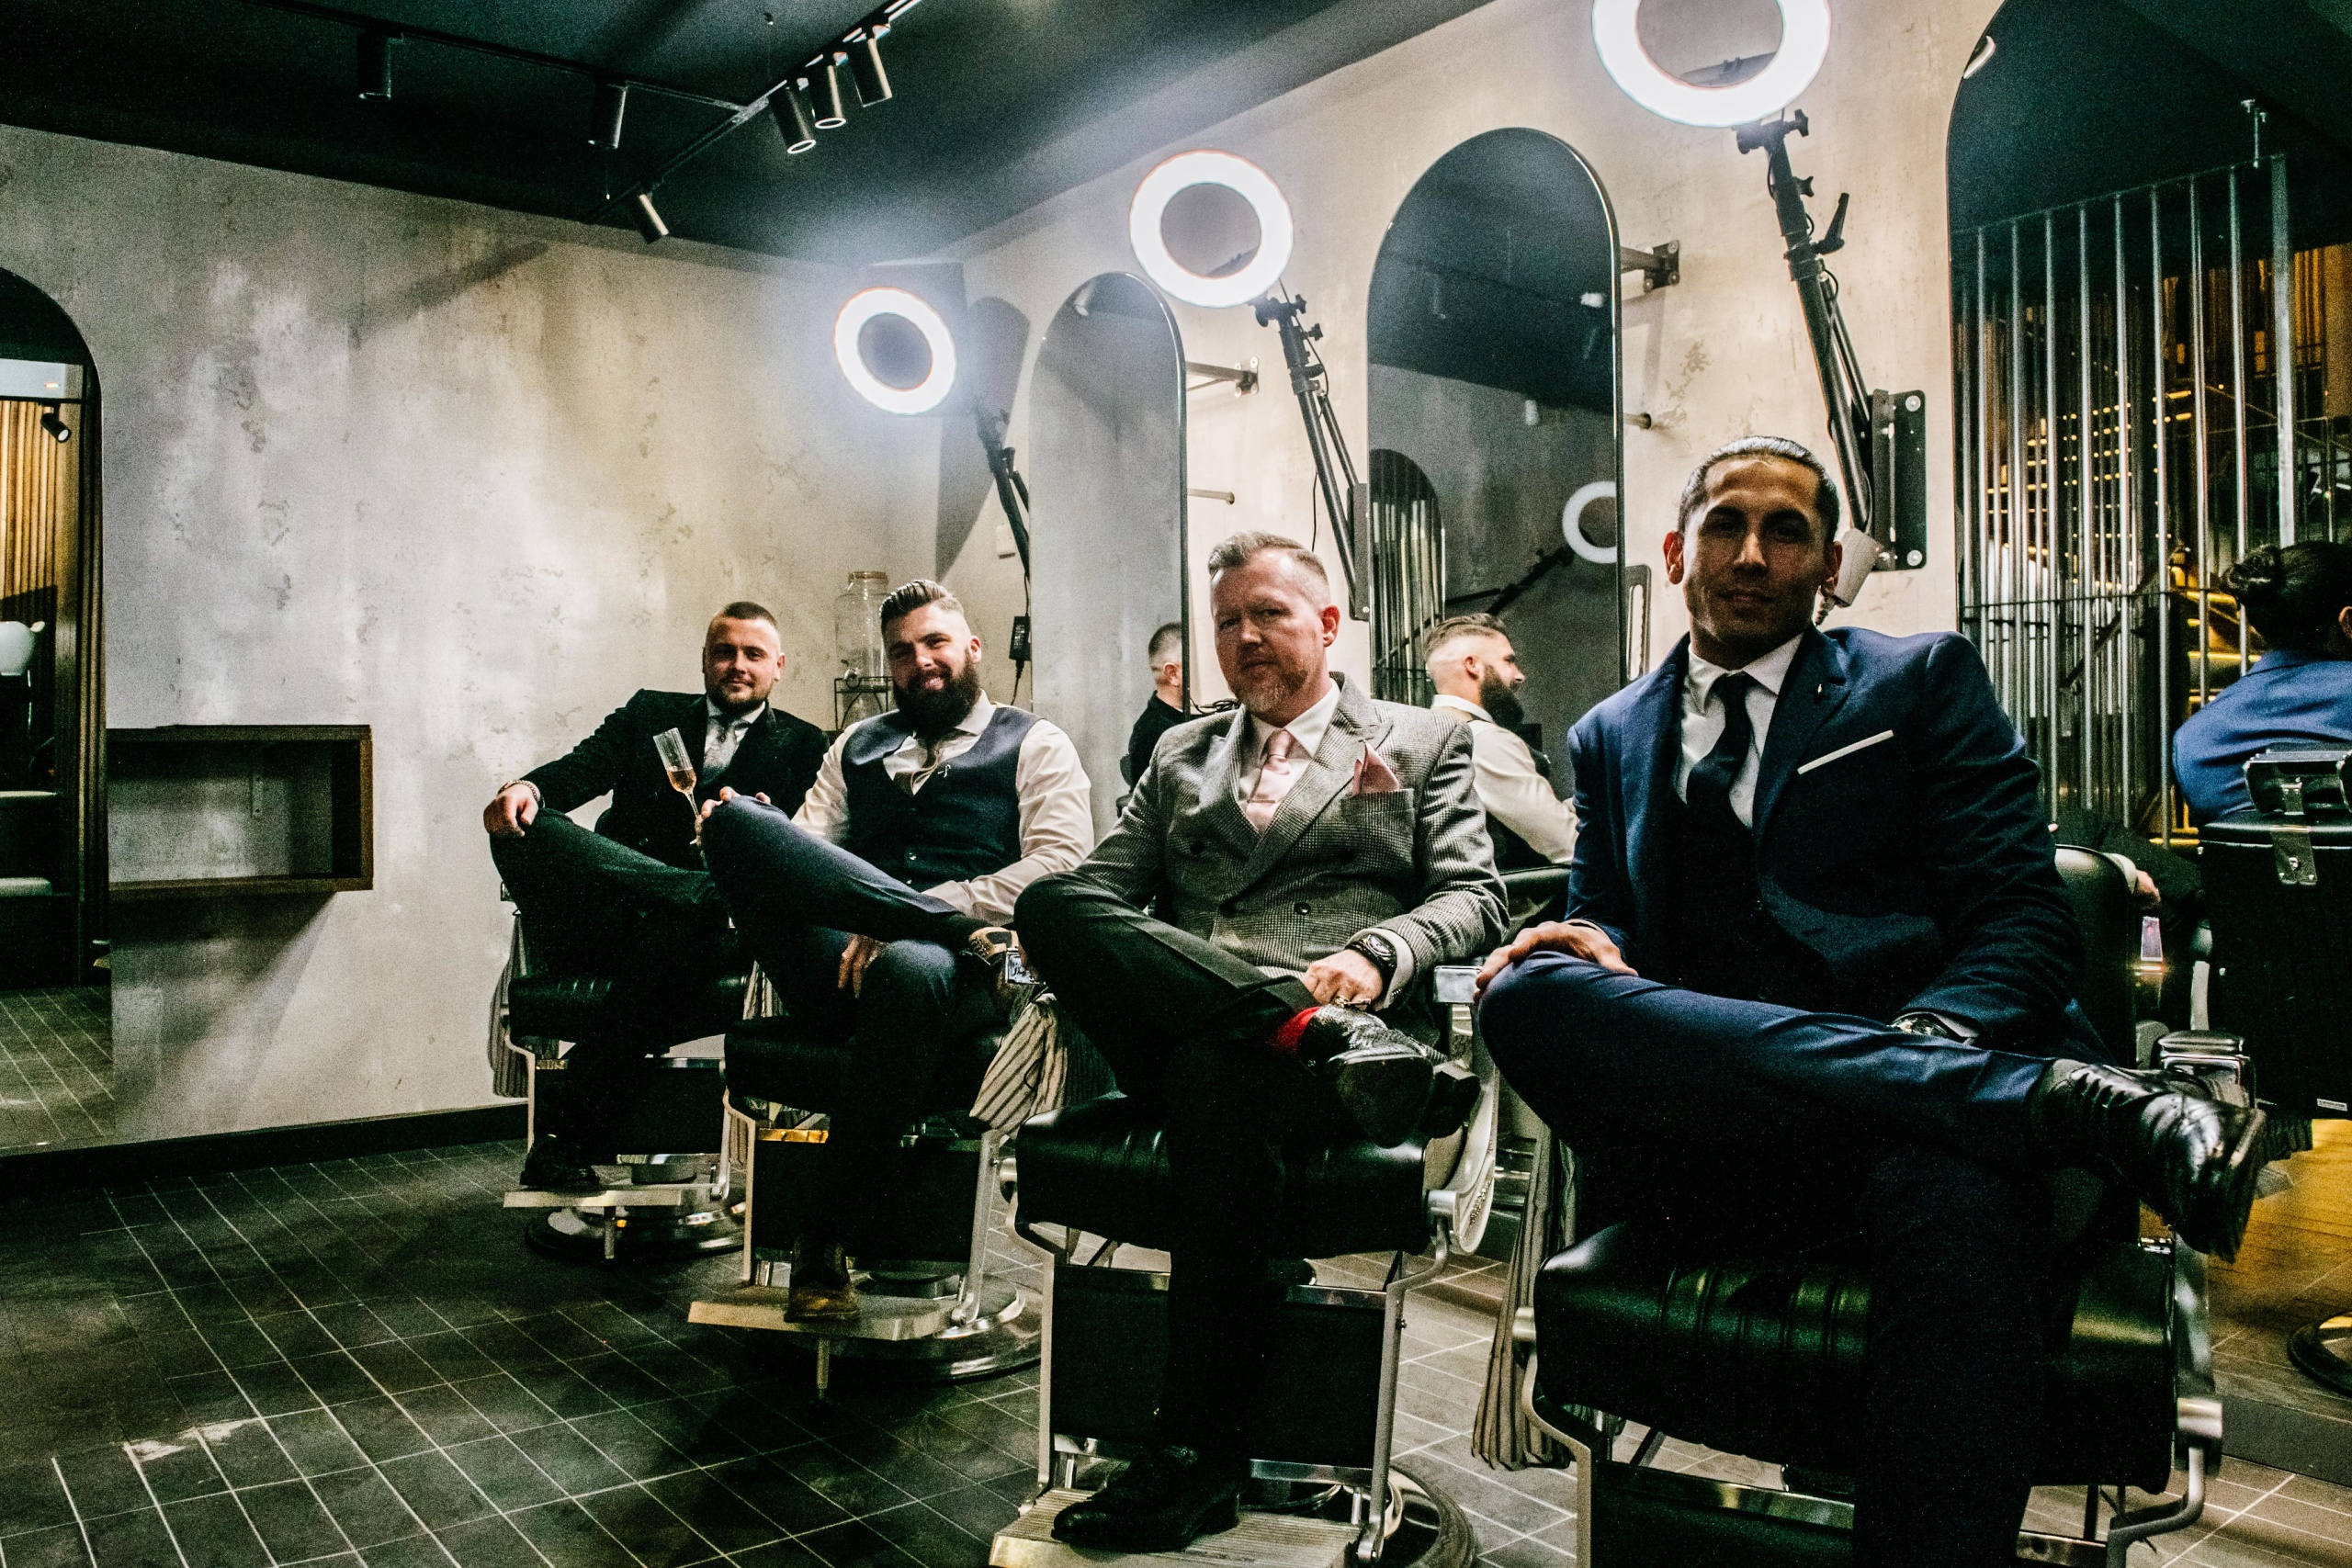 Manchester's New Cocktail Bar Hidden Behind a Barbershop Mirror